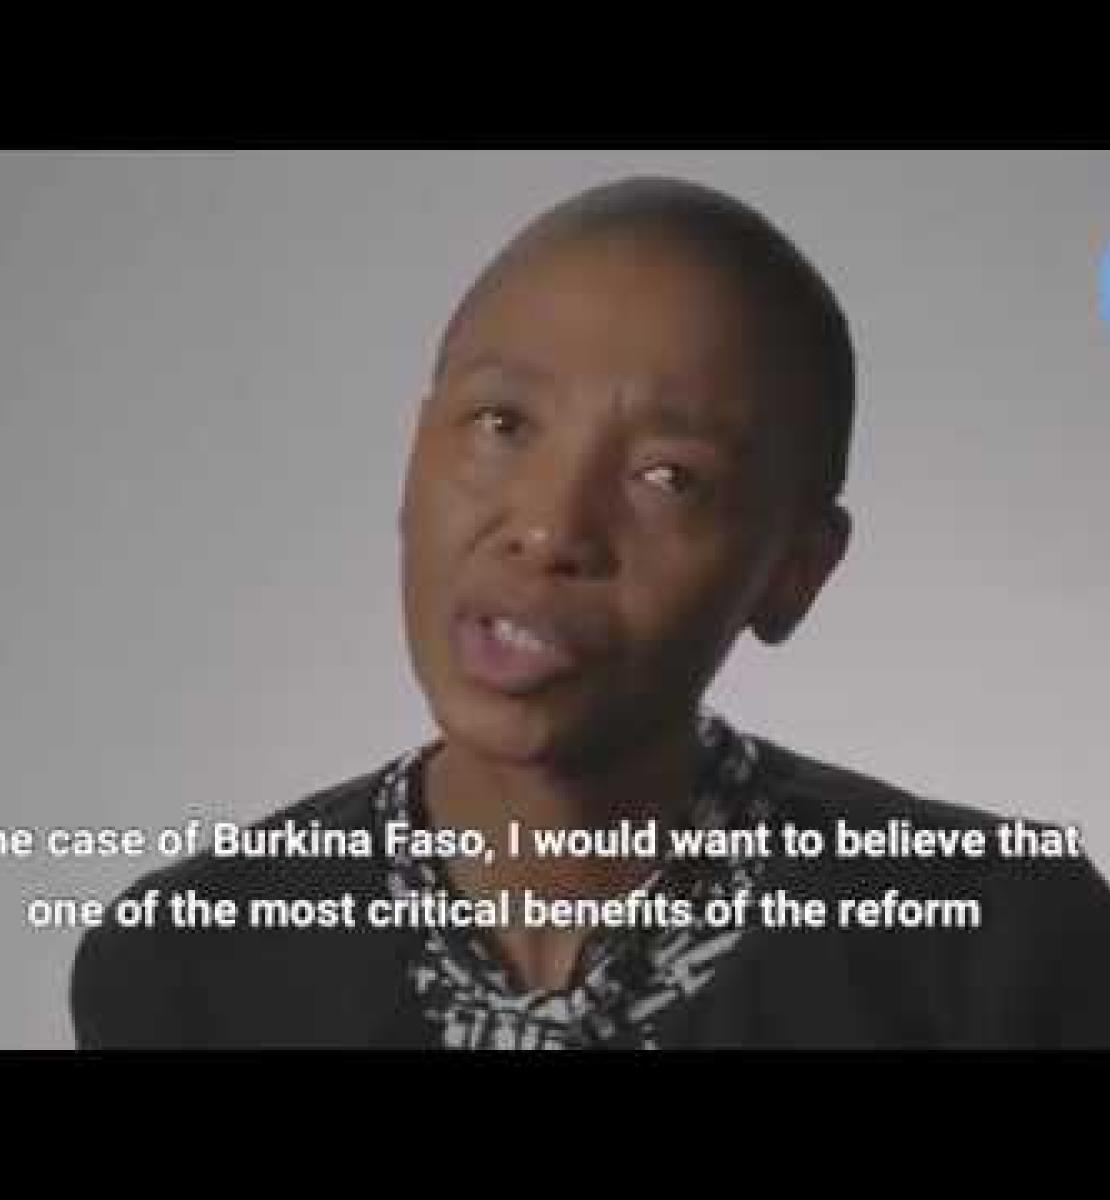 Les premiers effets de la réforme des Nations Unies au Burkina Faso